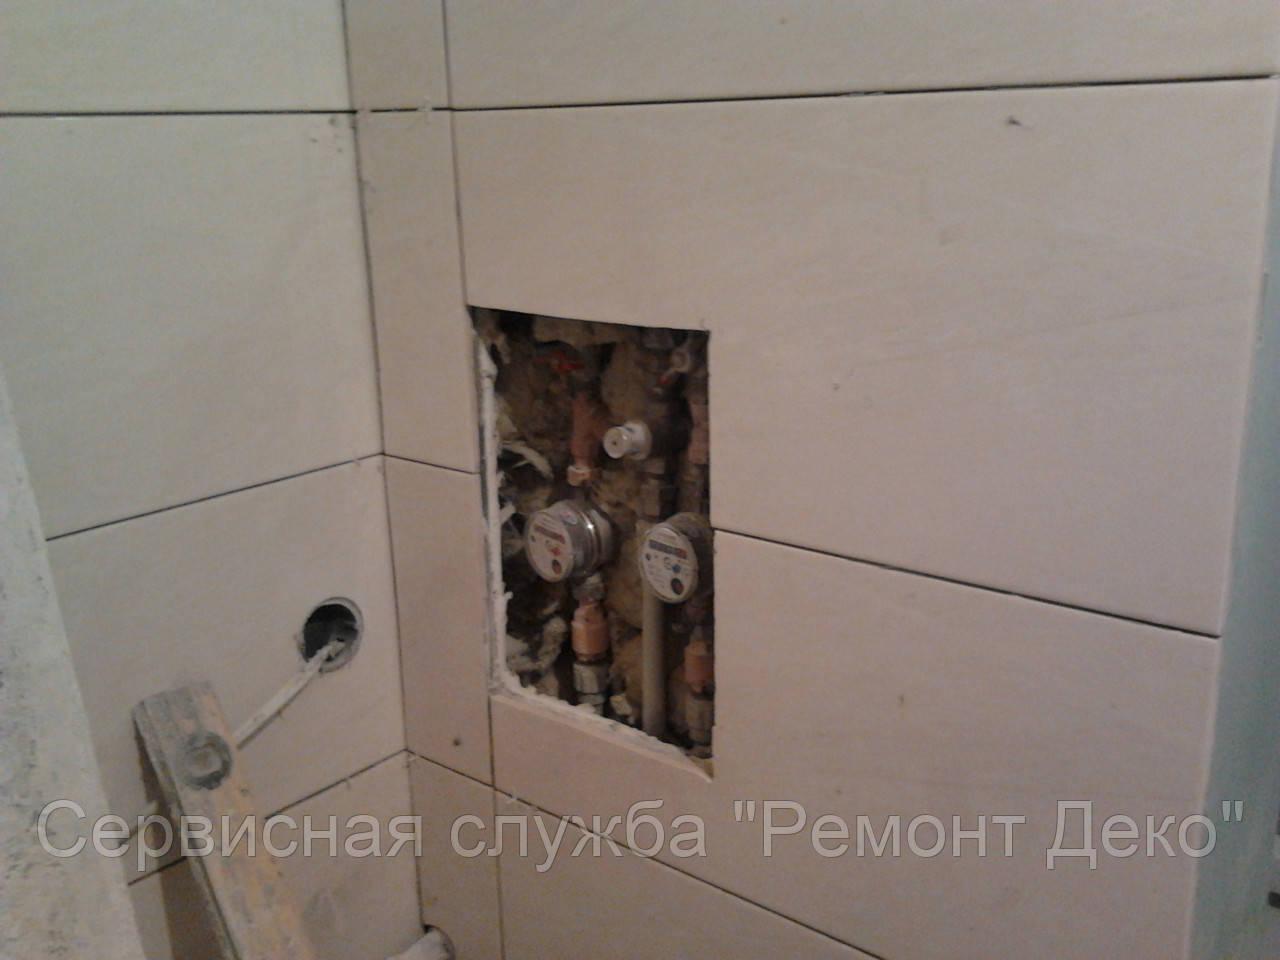 Установка счетчиков воды Днепр. Замена счетчиков воды в Днепропетровске